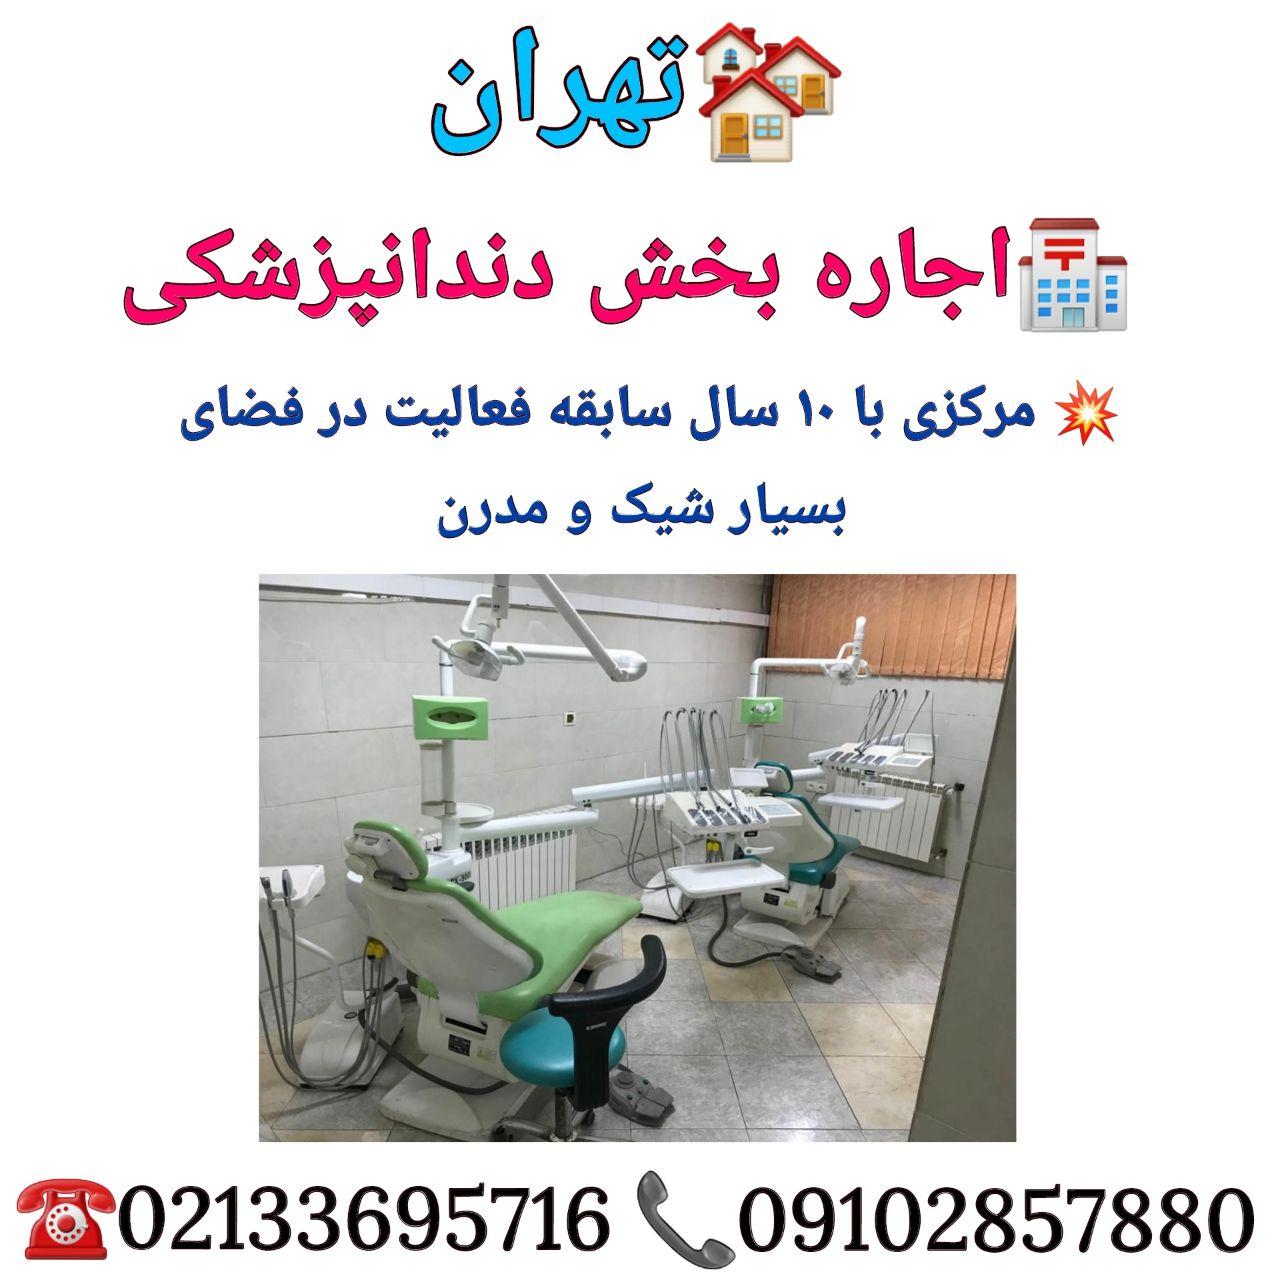 تهران: اجاره بخش دندانپزشکی